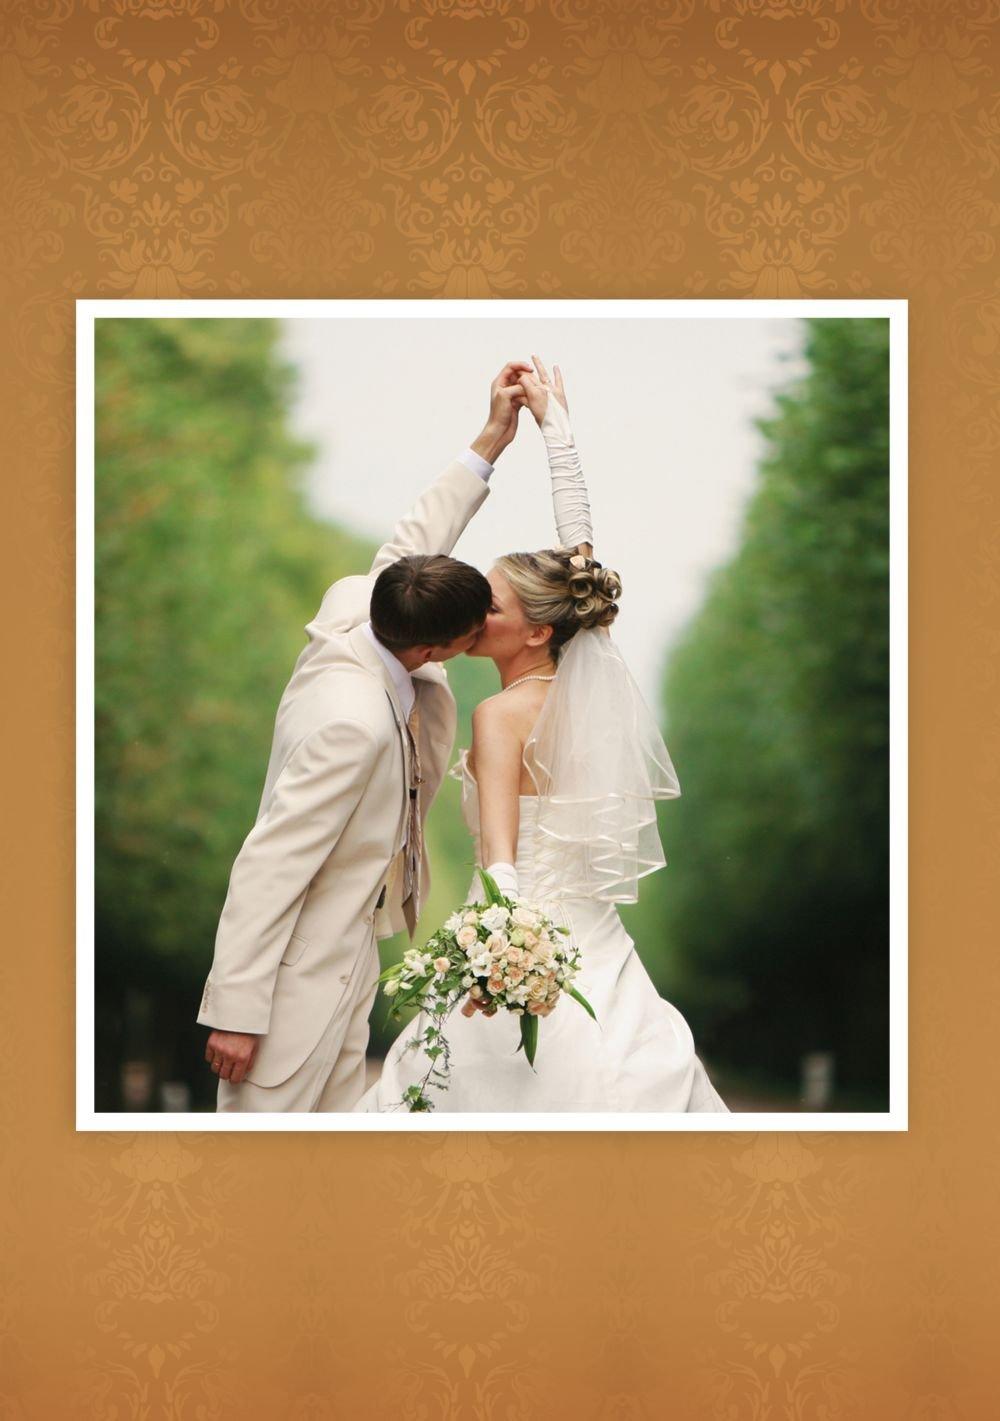 Kartenparadies Danksagung für Hochzeitsgeschenke Hochzeit Hochzeit Hochzeit Danke Eheversprechen, hochwertige Danksagungskarte Hochzeitsglückwünsche inklusive Umschläge   20 Karten - (Format  105x148 mm) Farbe  Orange B01N7URAZZ   Ausgewählte Materialie 37196a